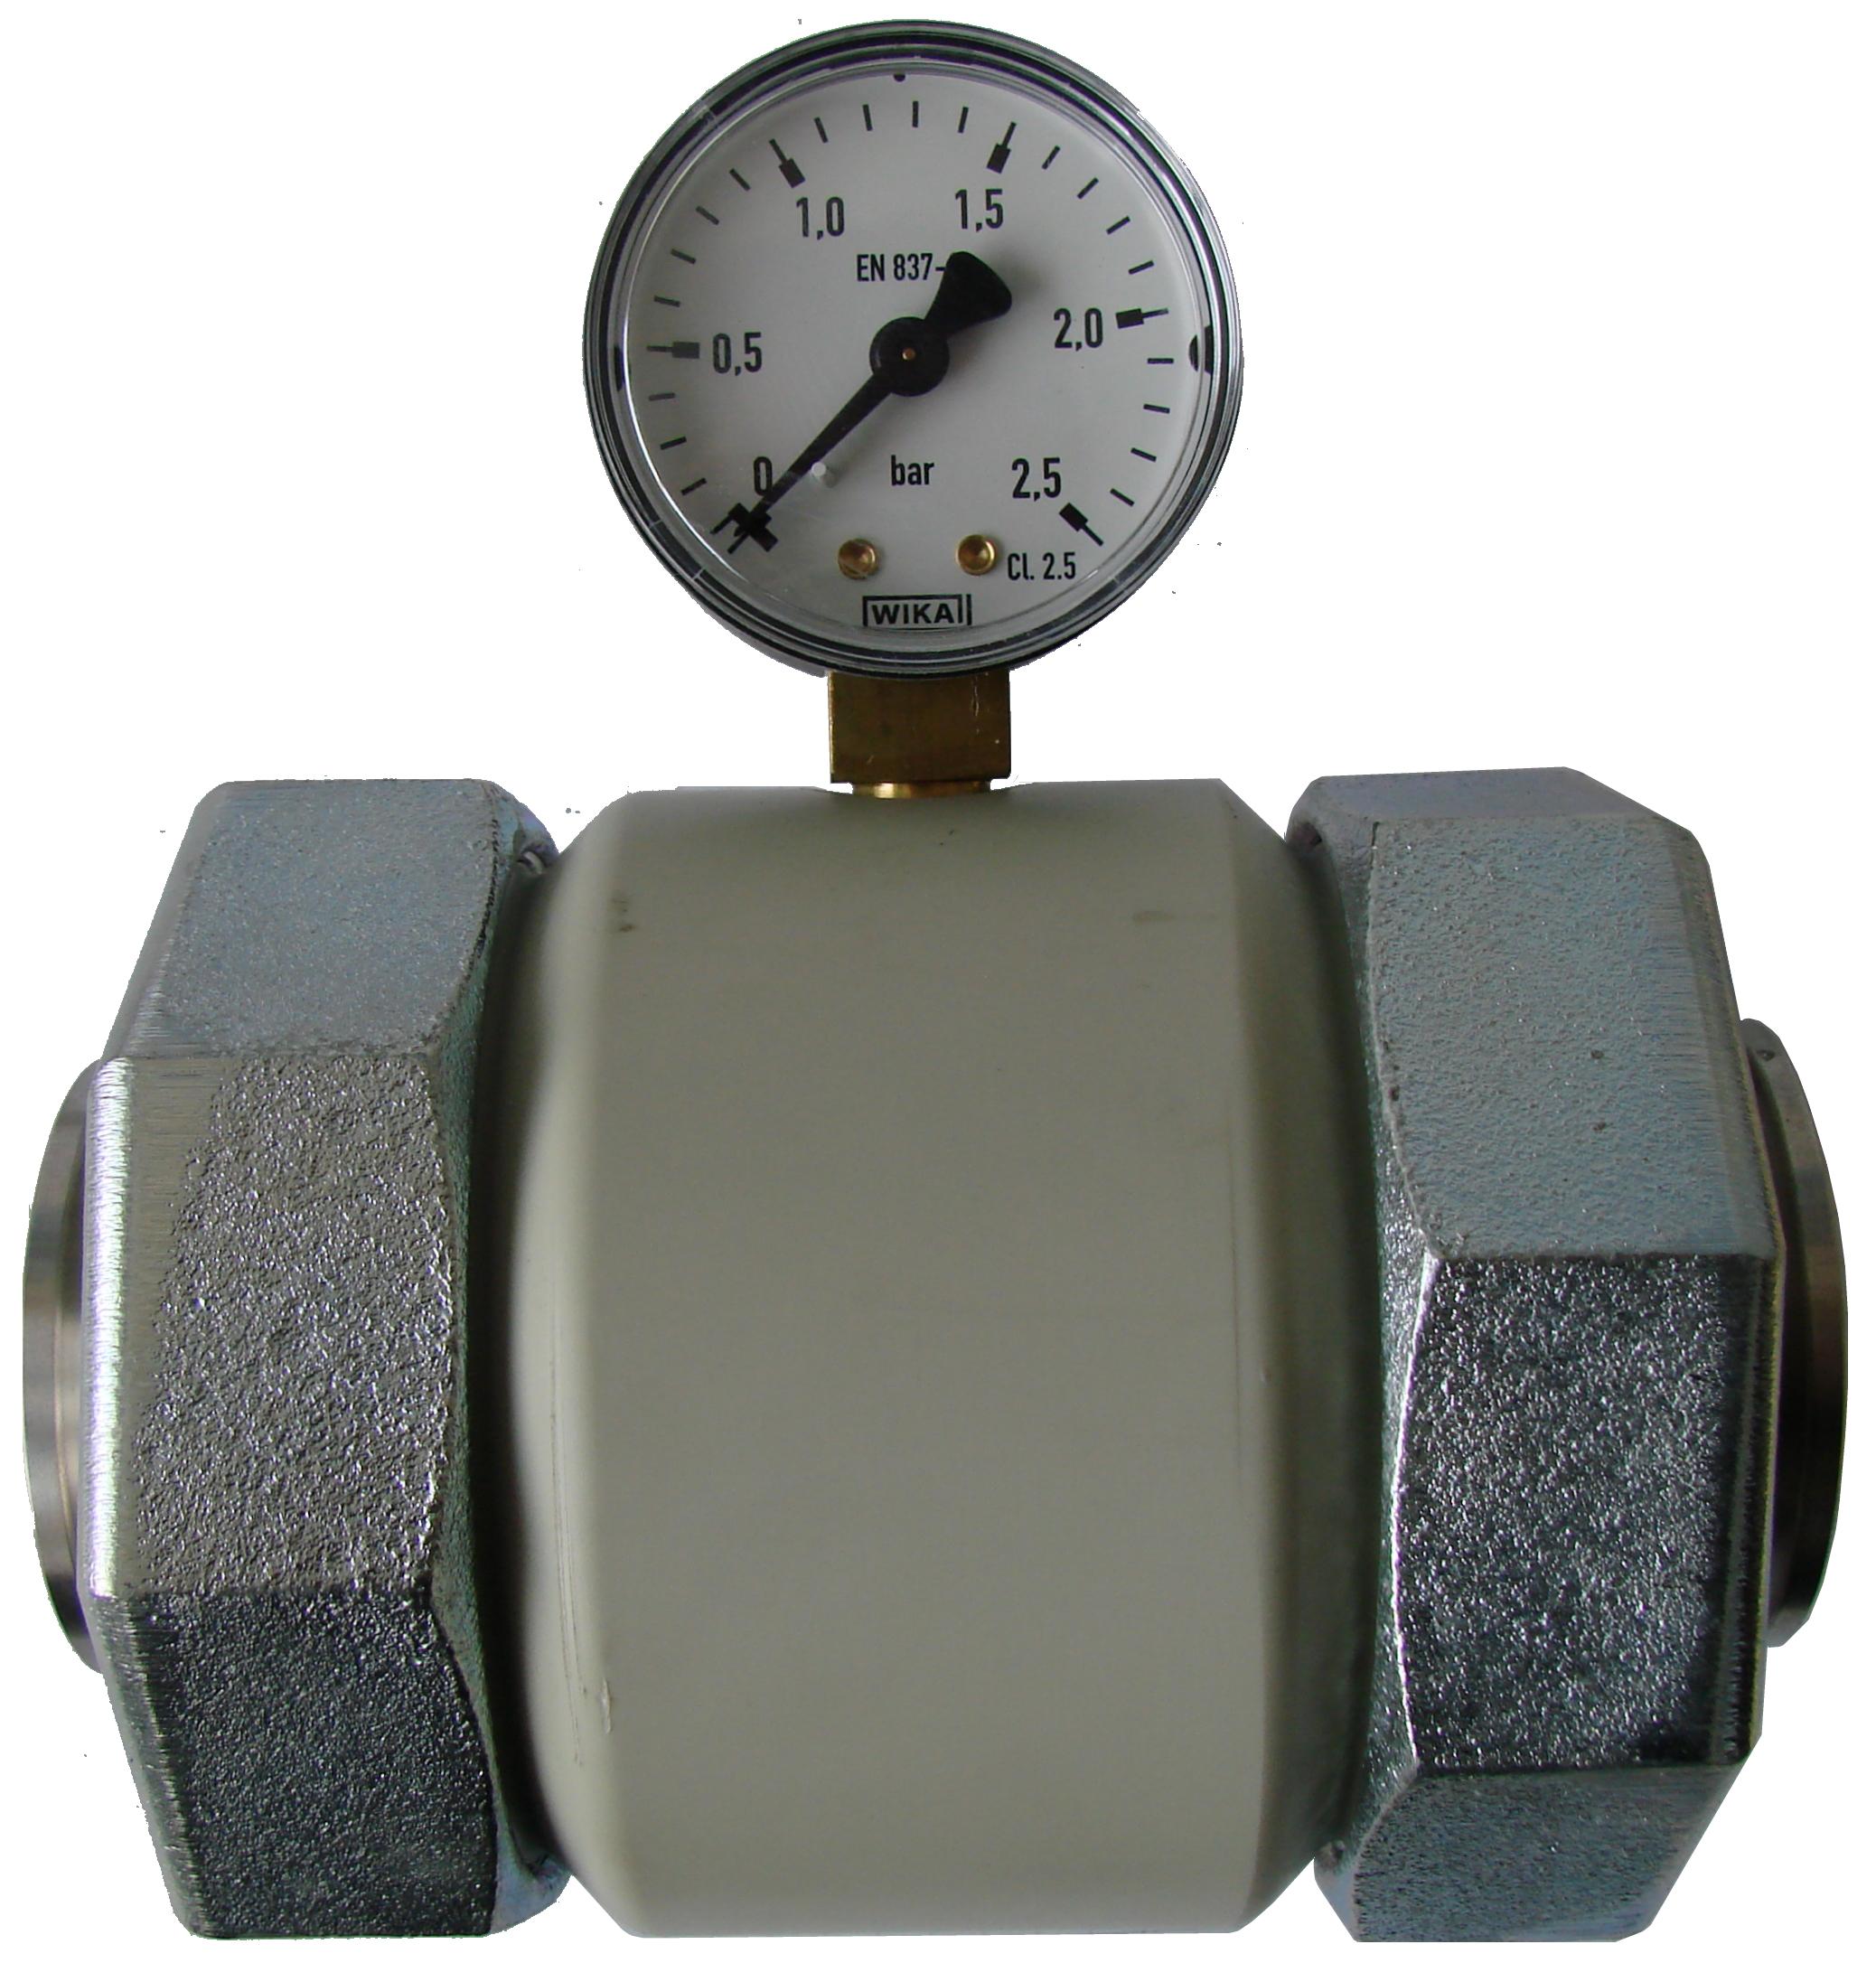 KVT-Druckmittler aus Kunststoff mit Clamp-Anschluss DSC00298